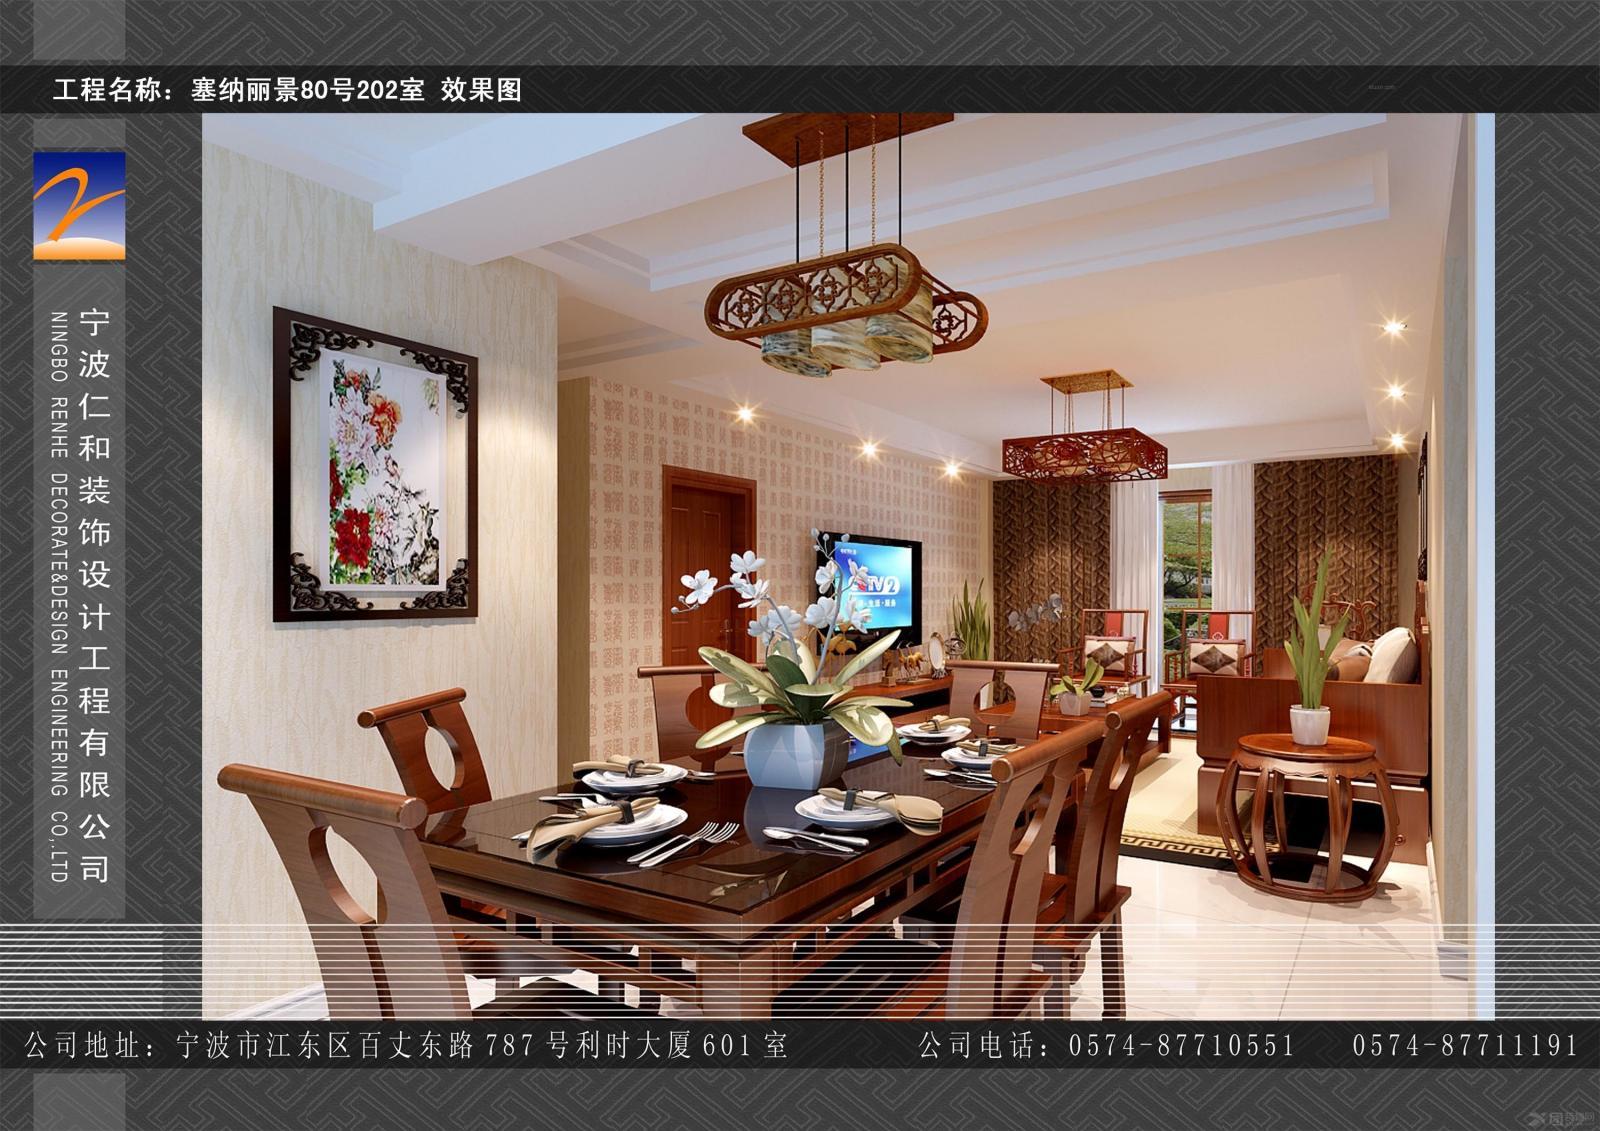 宁波江北 塞纳丽景80号202室